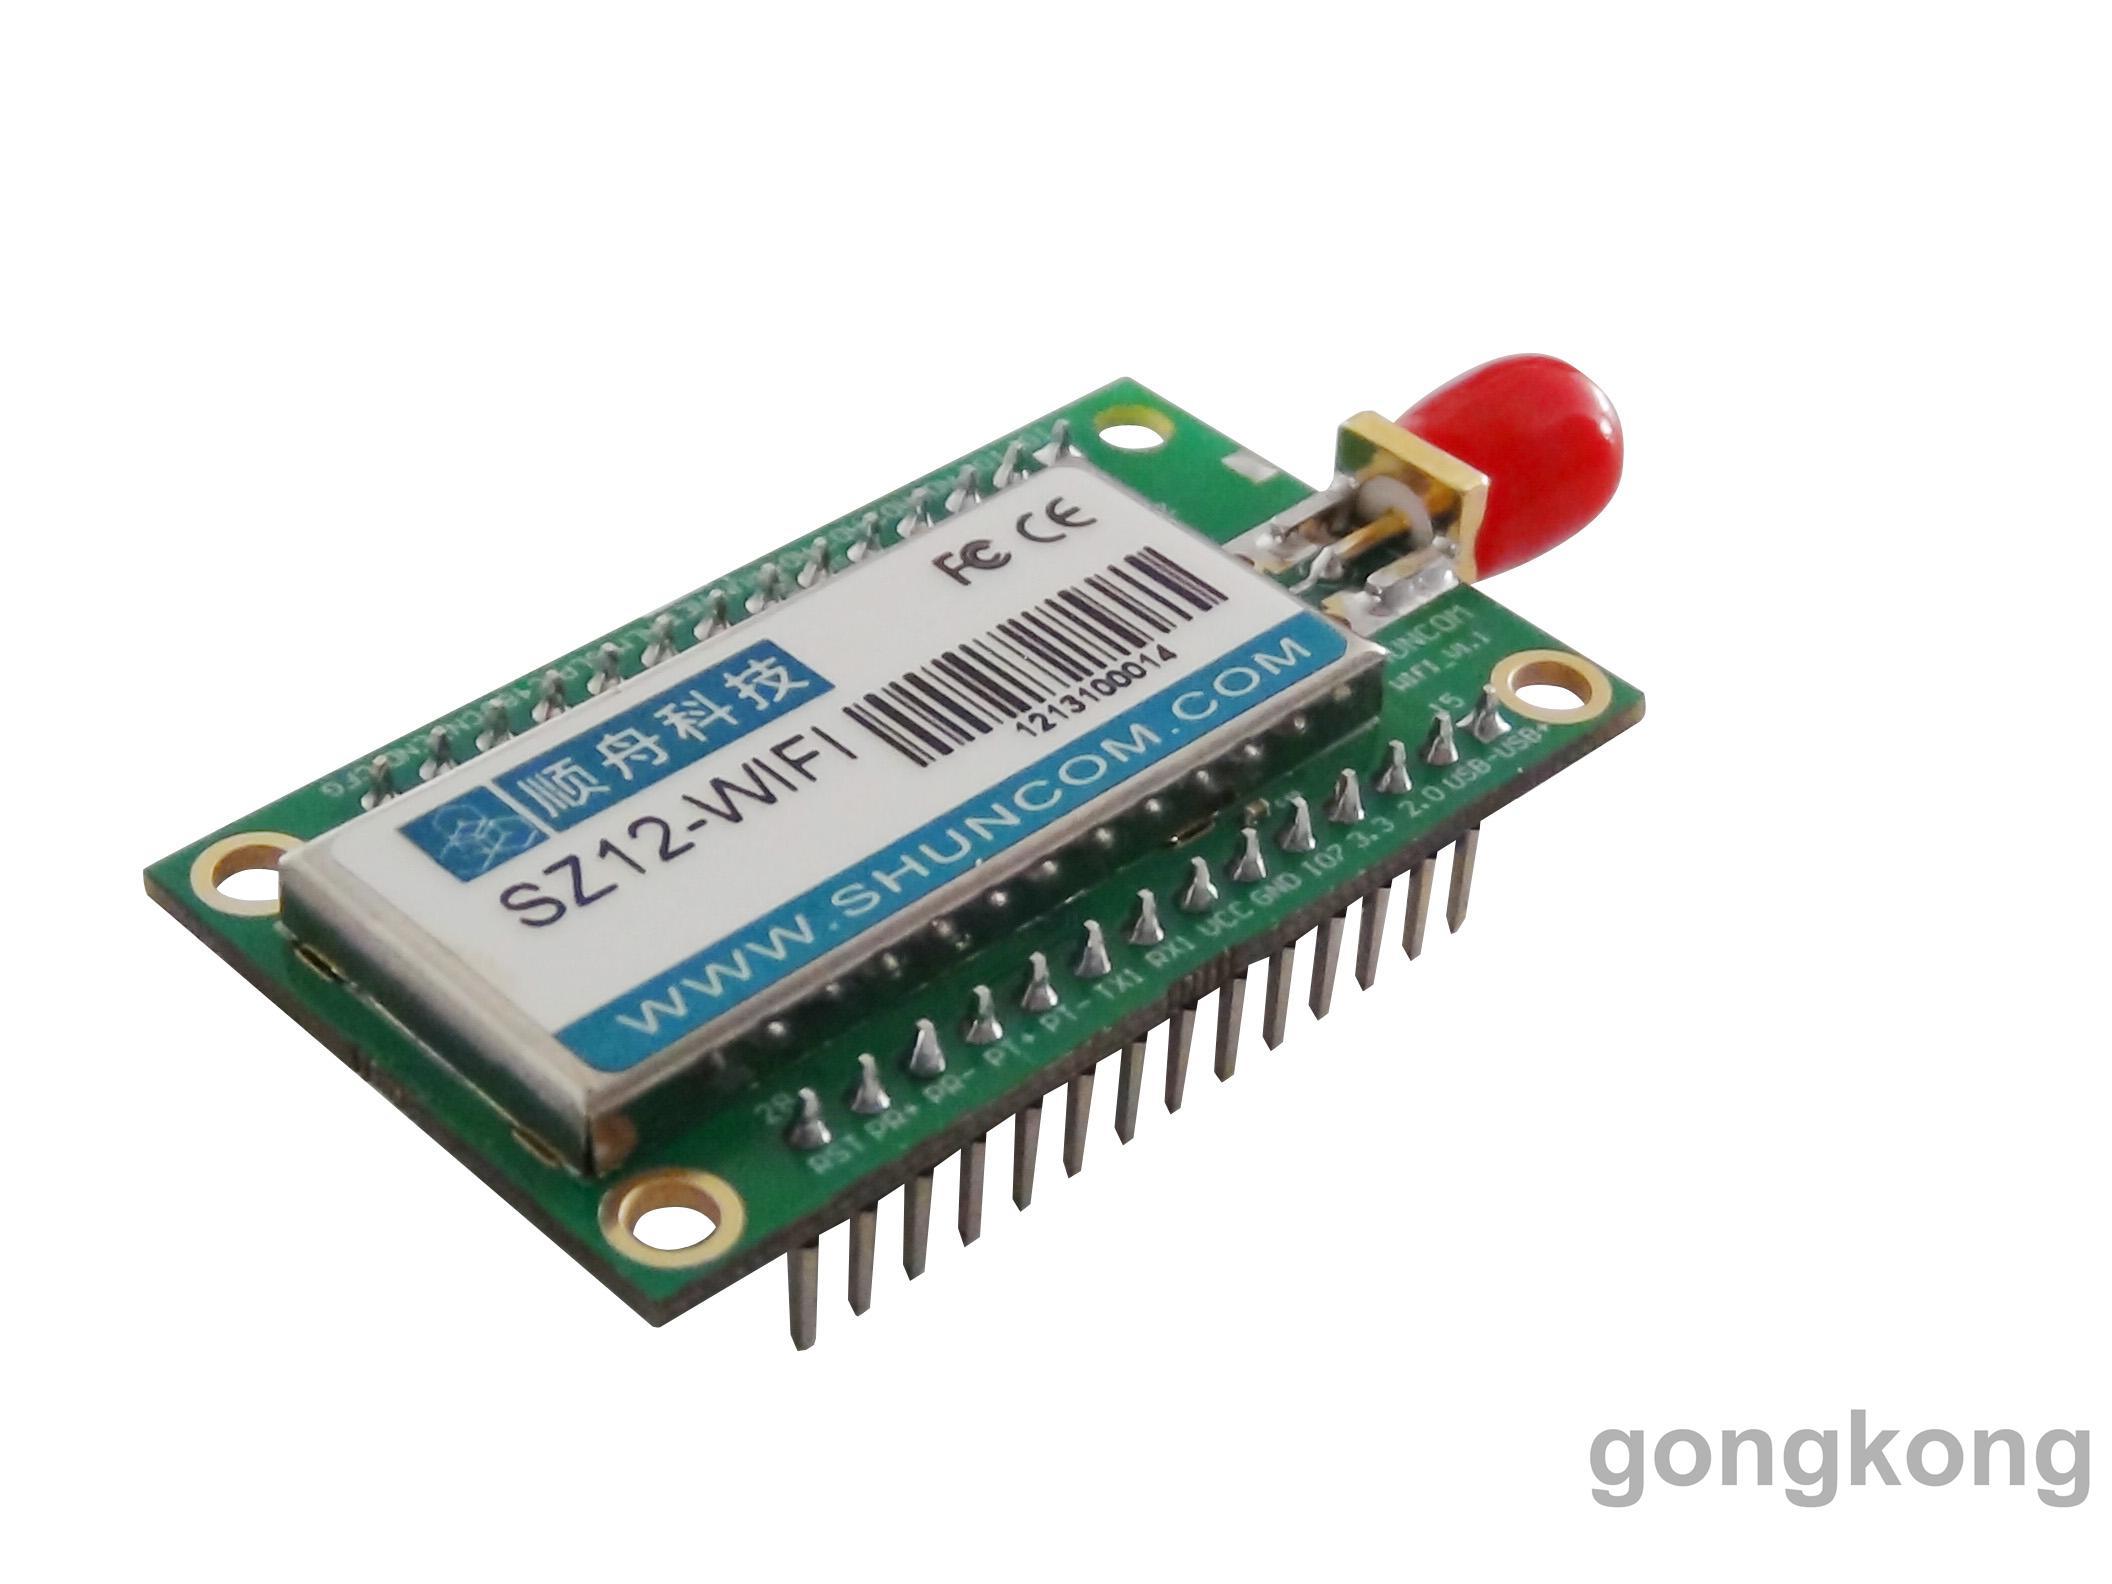 顺舟智能SZ12 WIFI数传高性能模块WiFi嵌入式无线模块2.4G模块